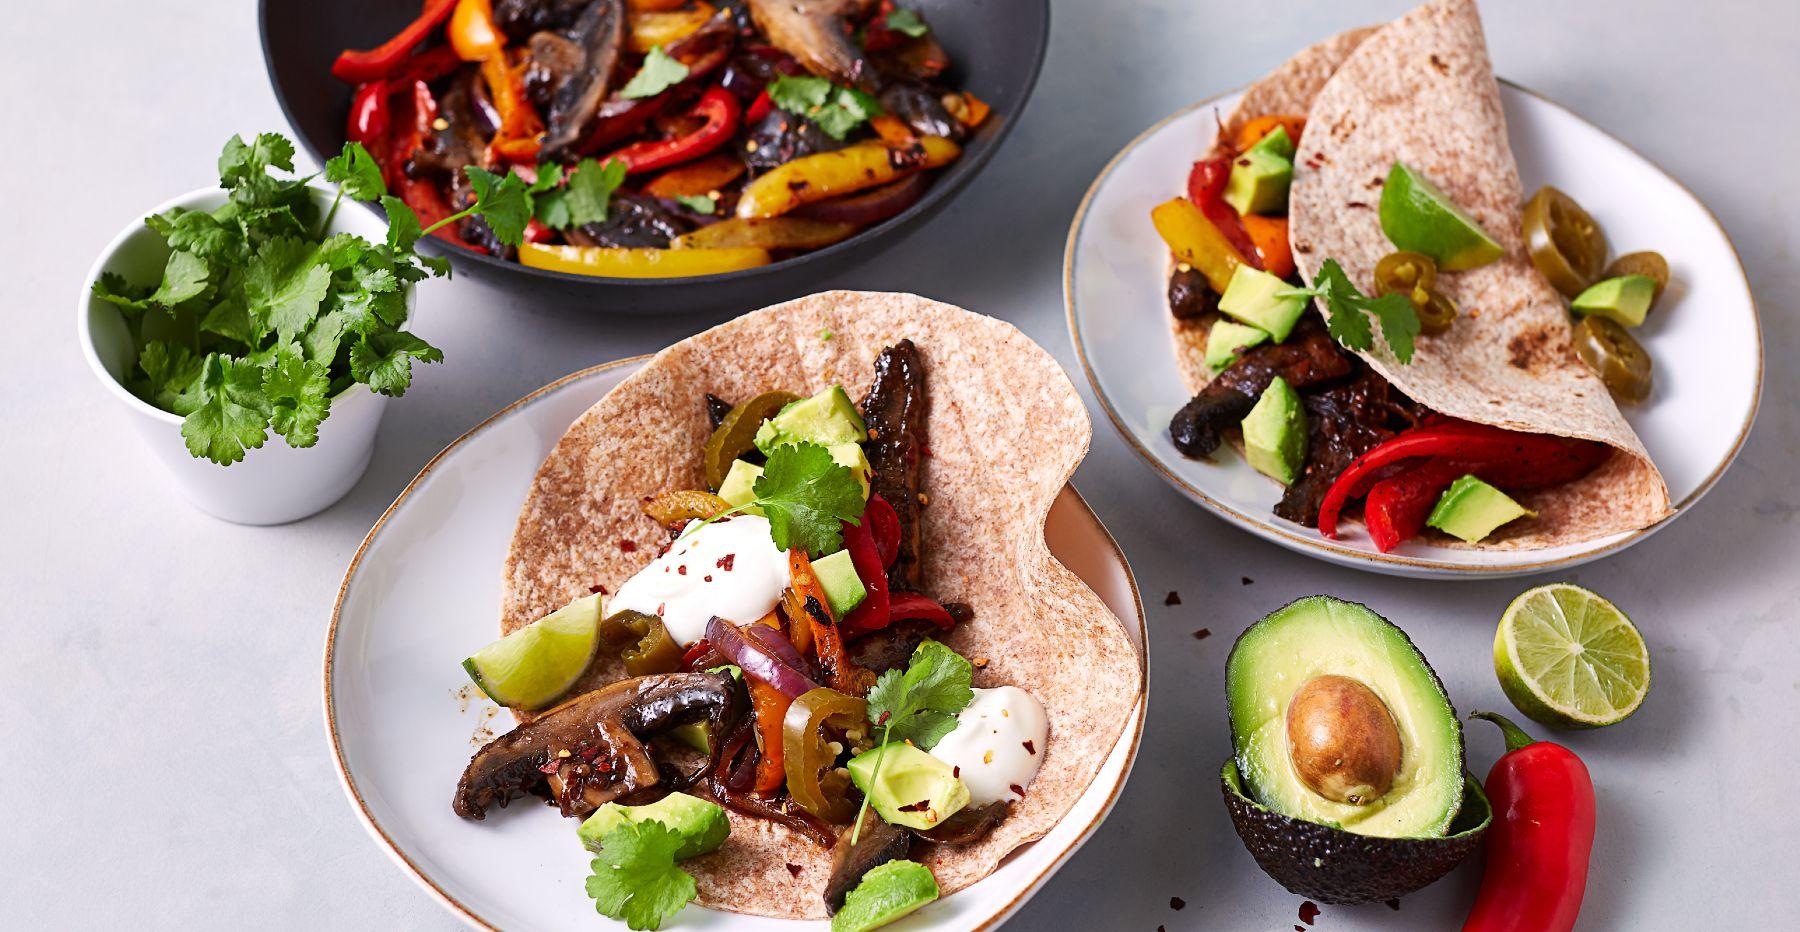 5 proteinreiche vegane & vegetarische 15 Minuten Gerichte